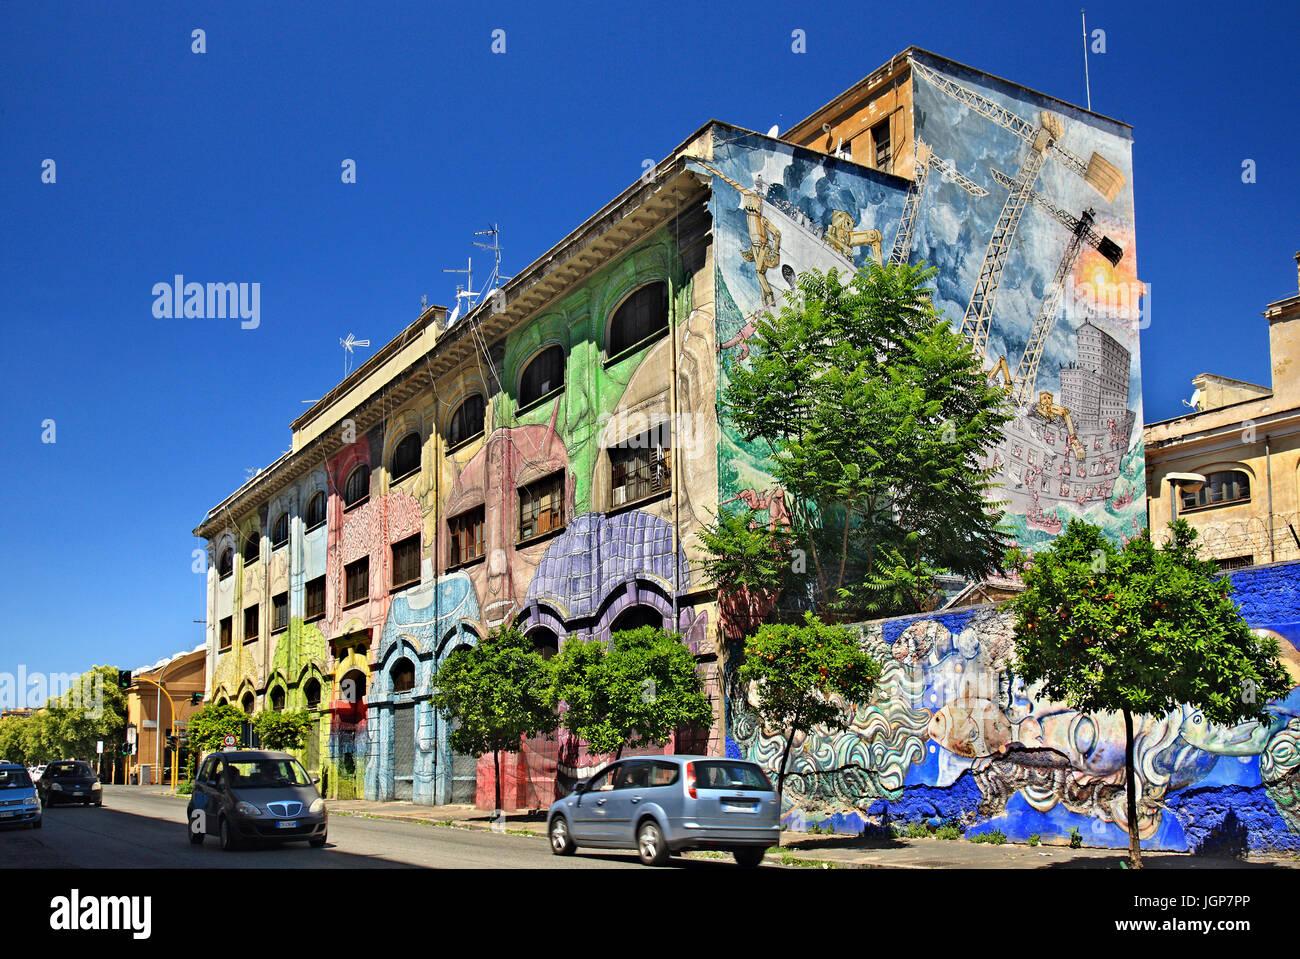 Murale dal famoso artista di strada Blu in Via del Porto Fluviale, Ostiense, Roma, Italia Immagini Stock